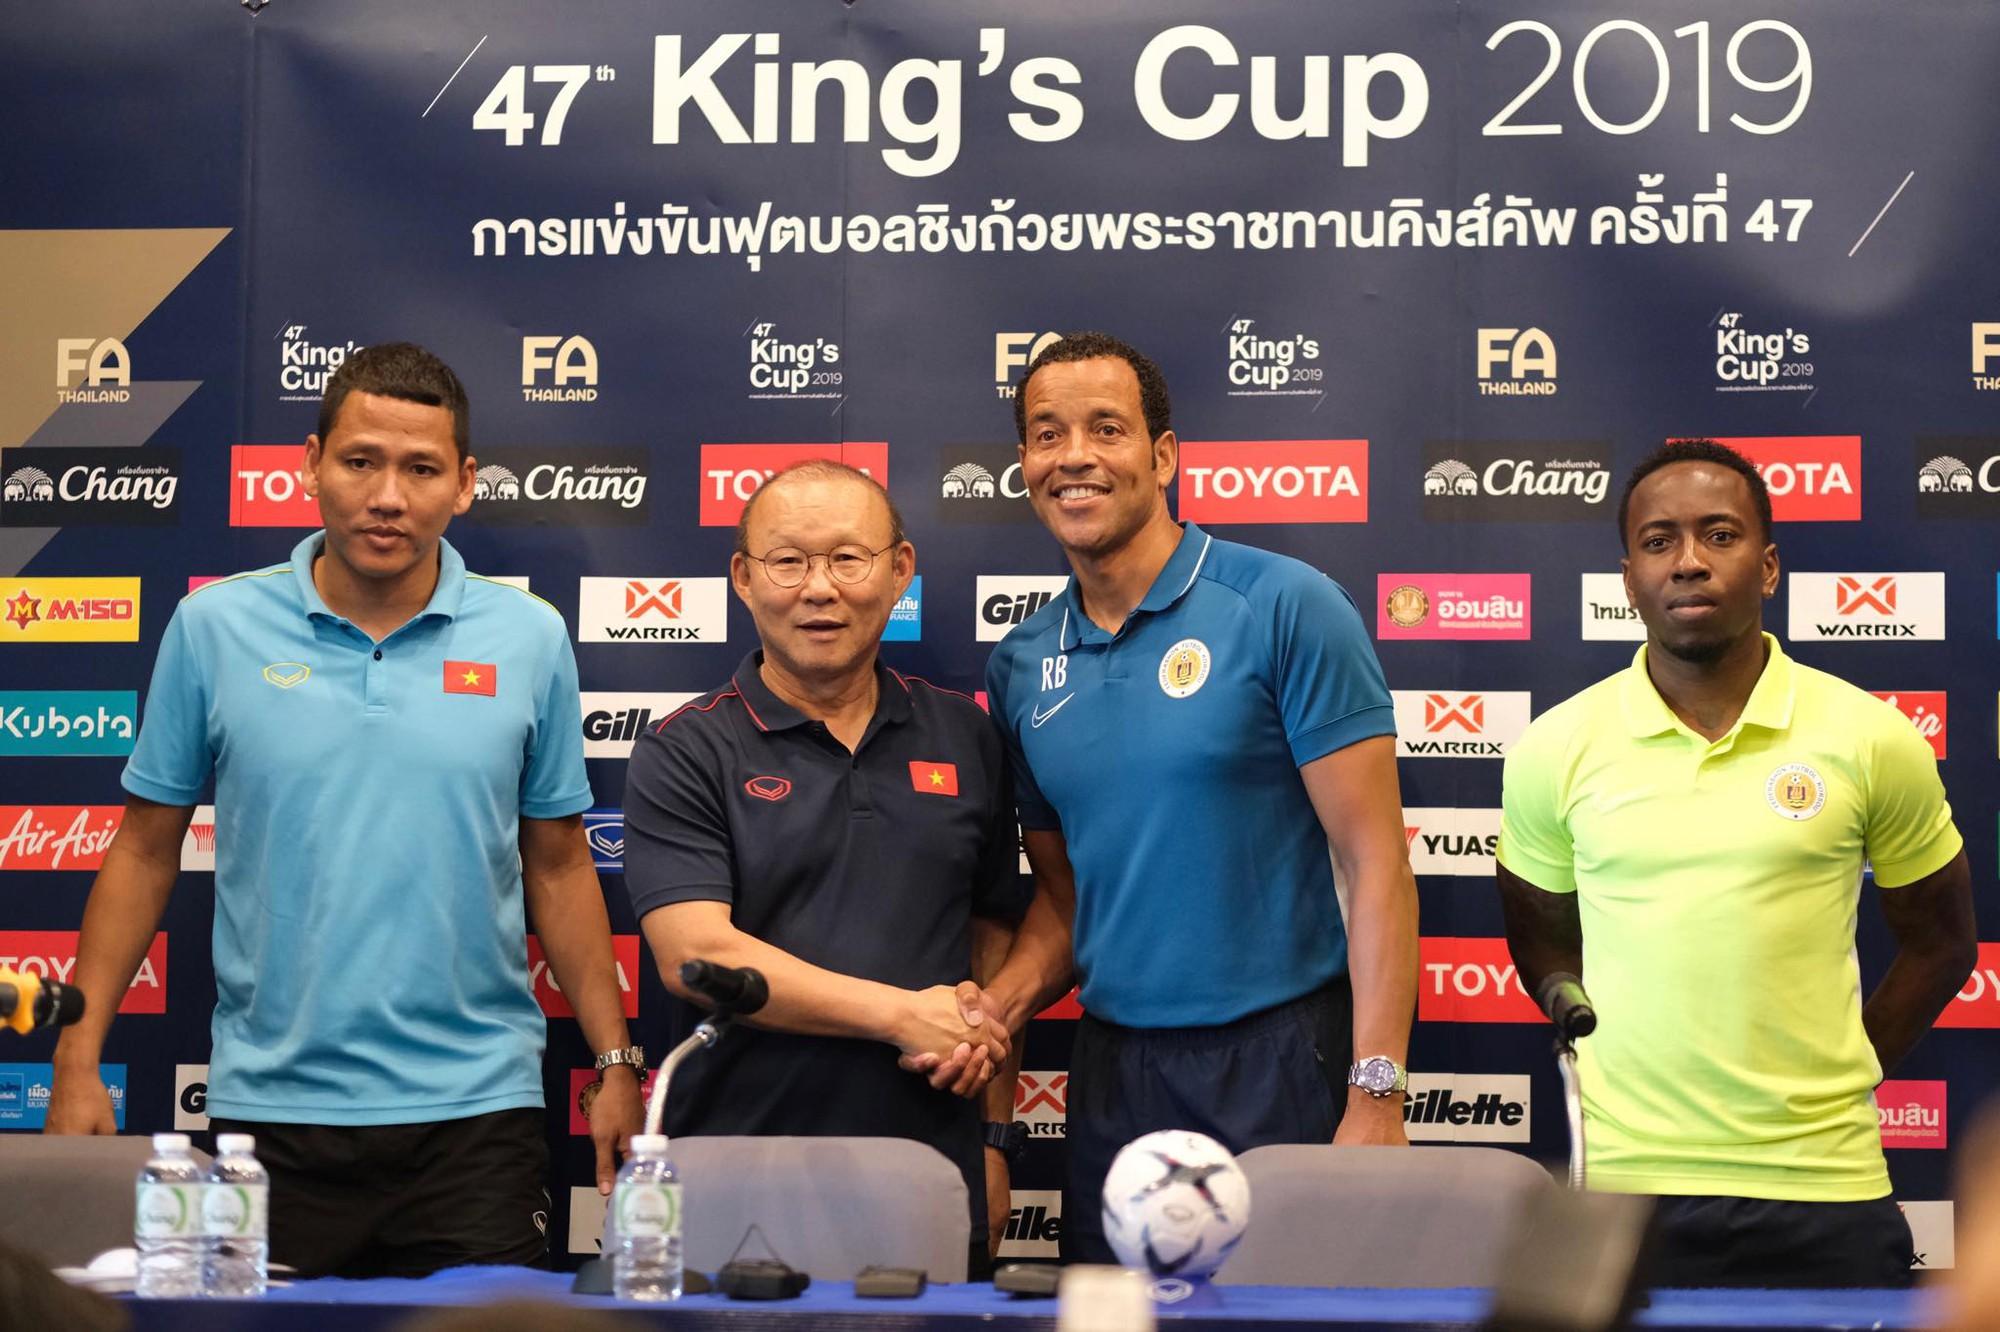 HLV Park Hang-seo: Nhiều tuyển thủ Việt Nam chấn thương, mệt mỏi sau trận thắng Thái Lan - Ảnh 3.